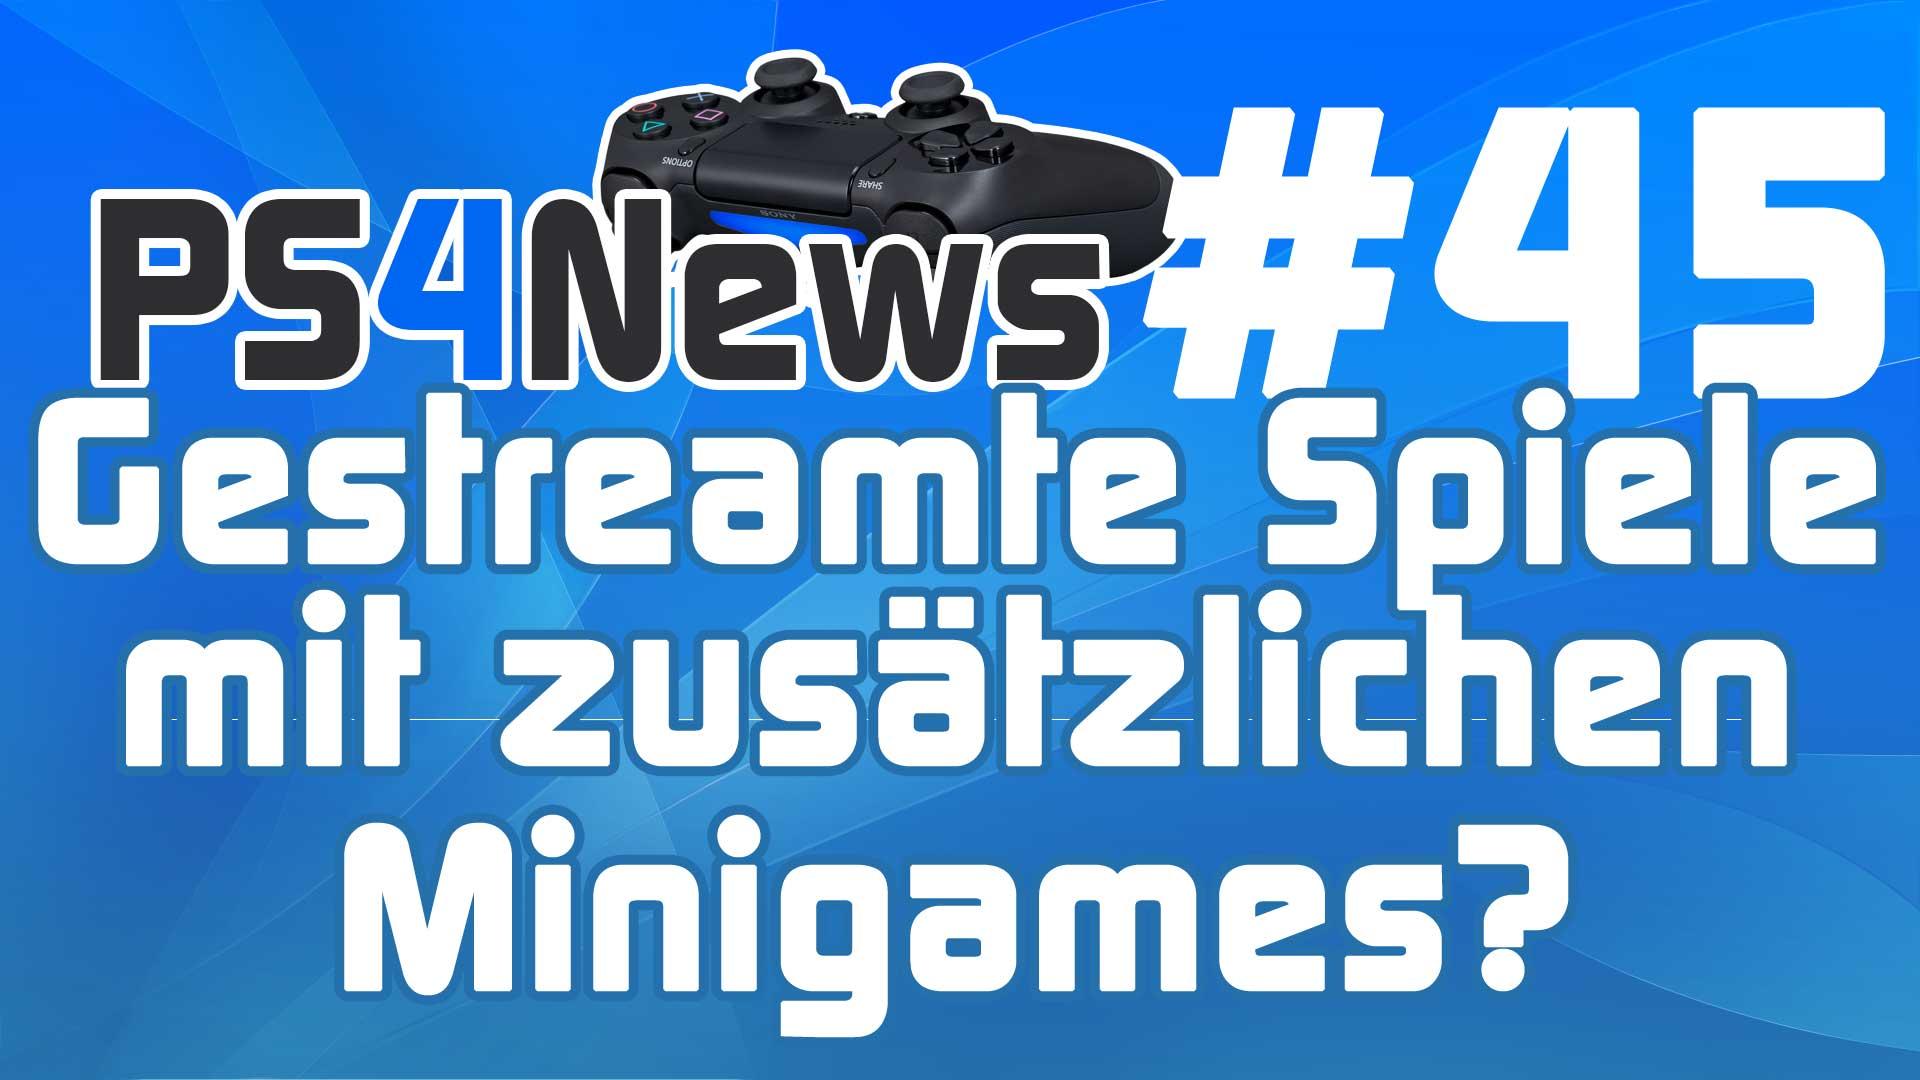 Gaikai gestreamte Spiele mit zusätzlichen Minigames?  Die PS4 News des Tages